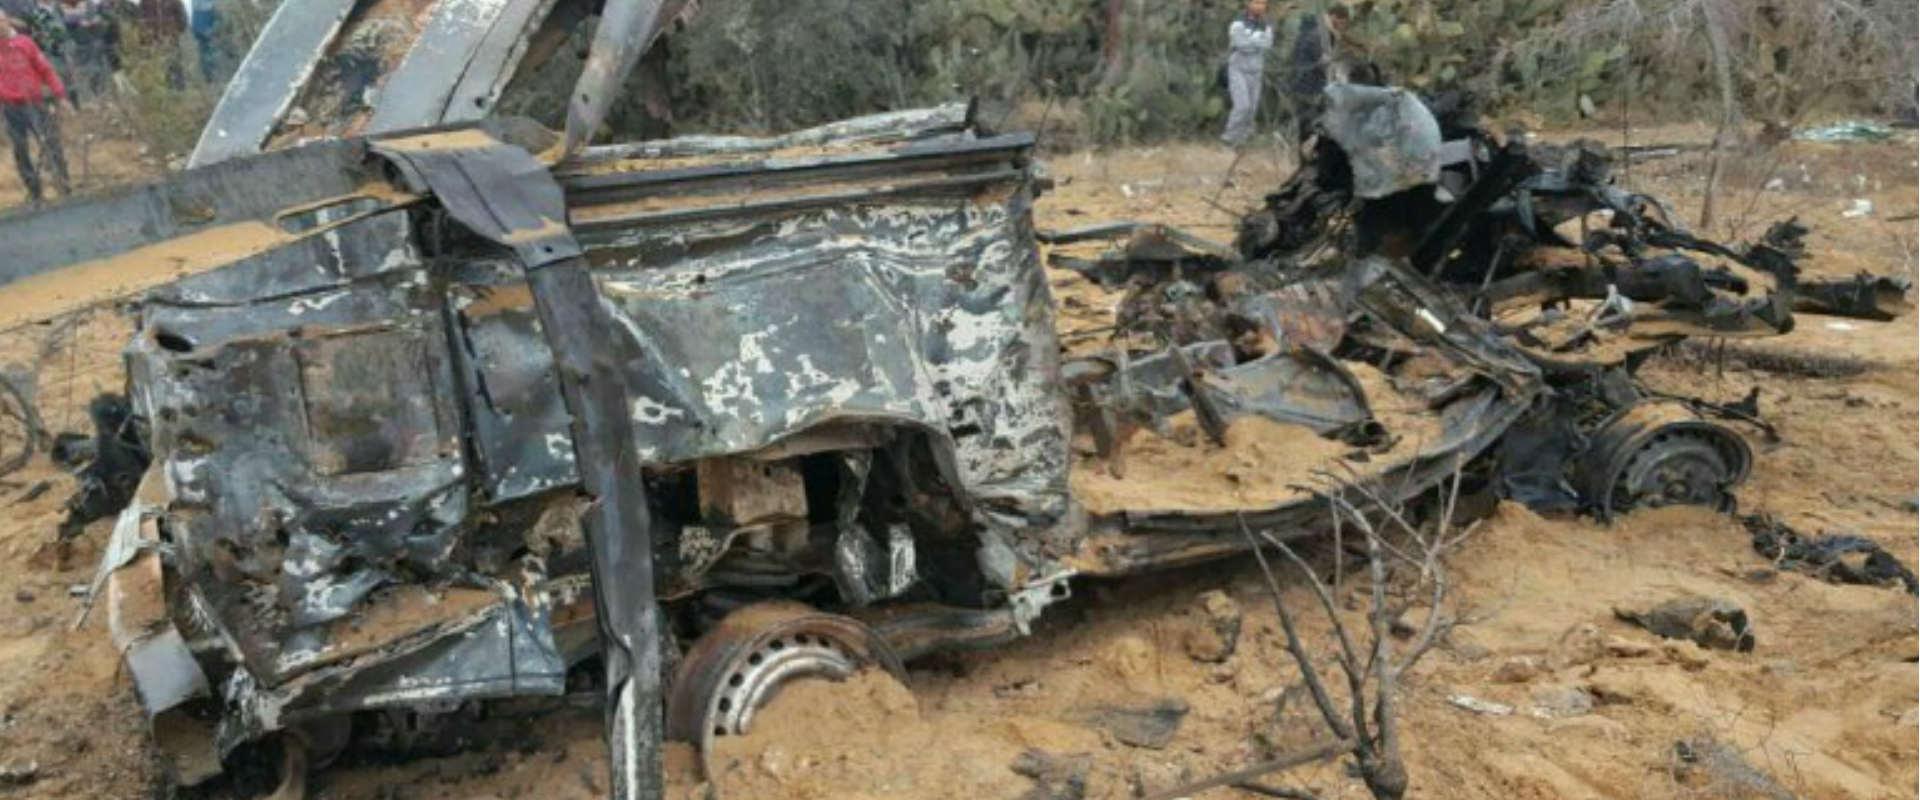 כלי הרכב ההרוס בעזה